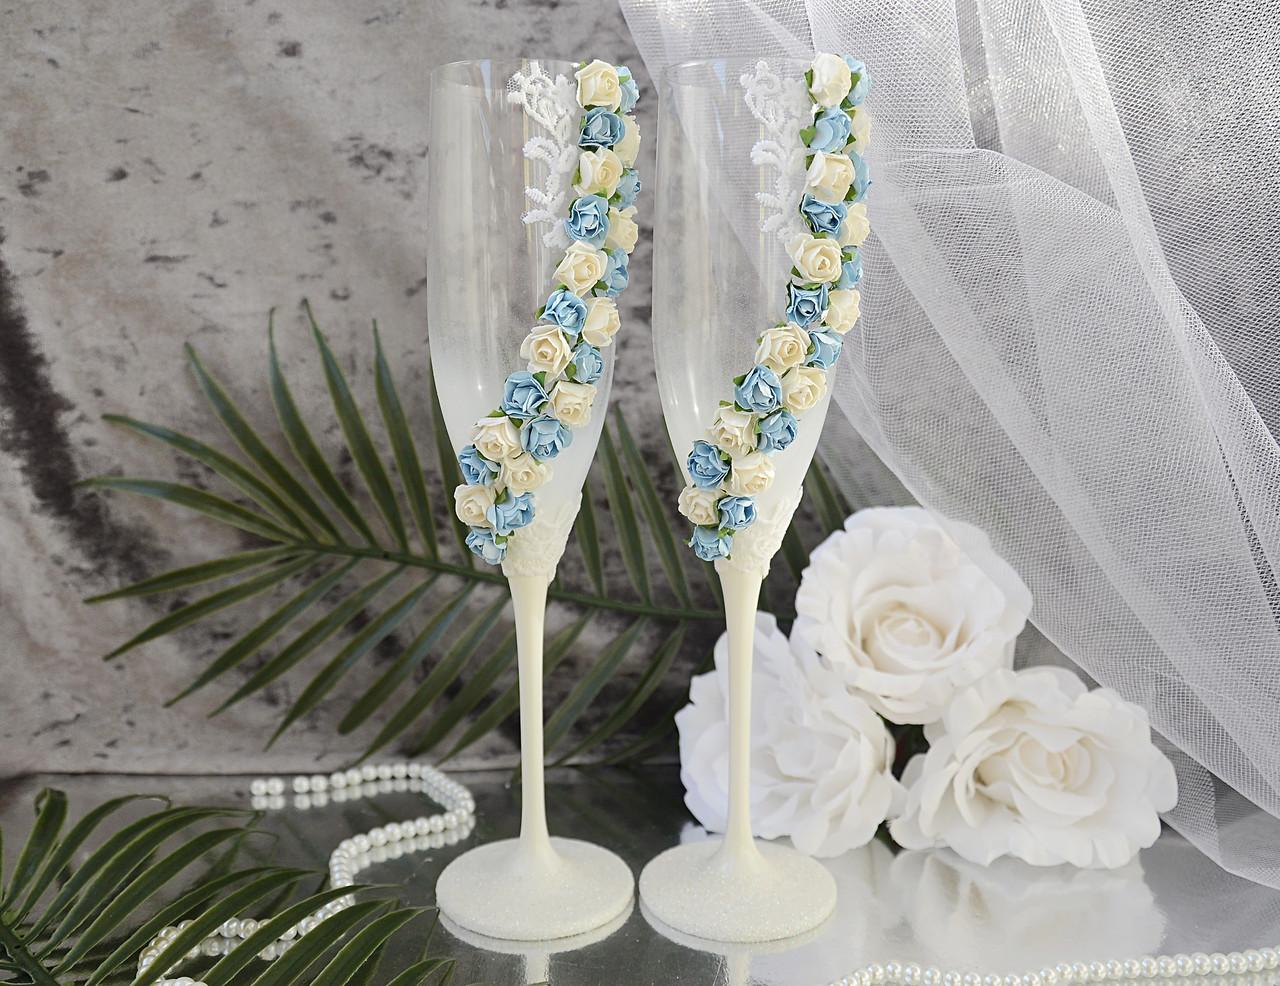 Свадебные бокалы для молодоженов ручной работы. В белом цвете, украшены бело-голубыми цветами